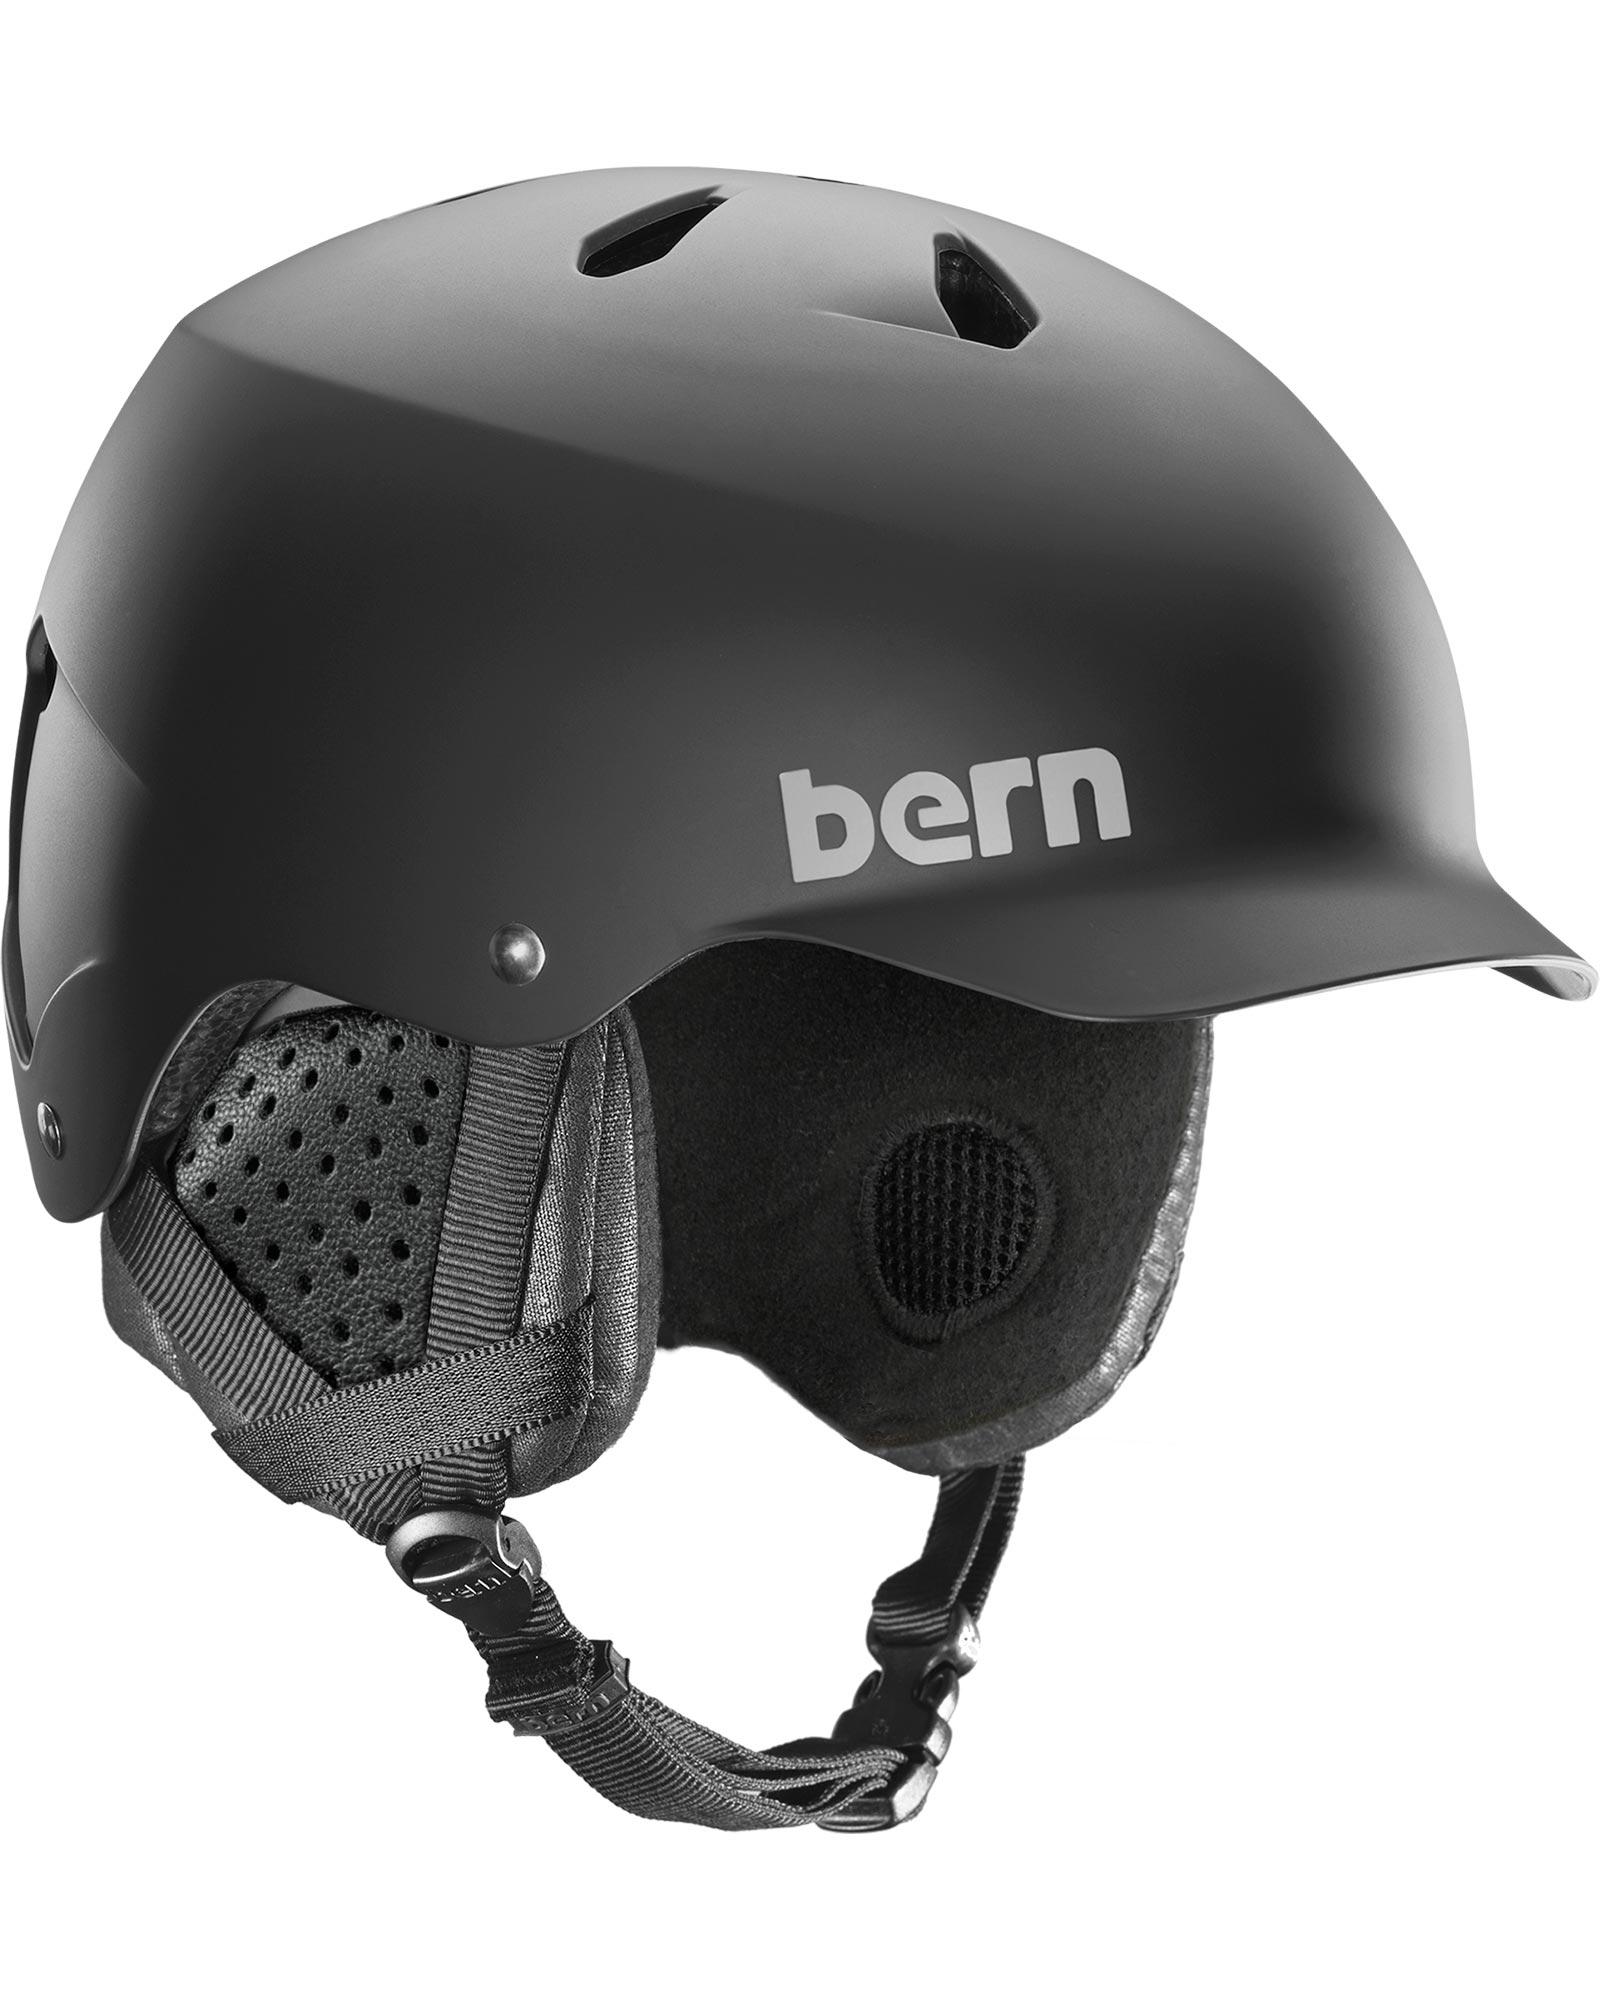 Bern Watts Snowsports Helmet 2020 / 2021 0